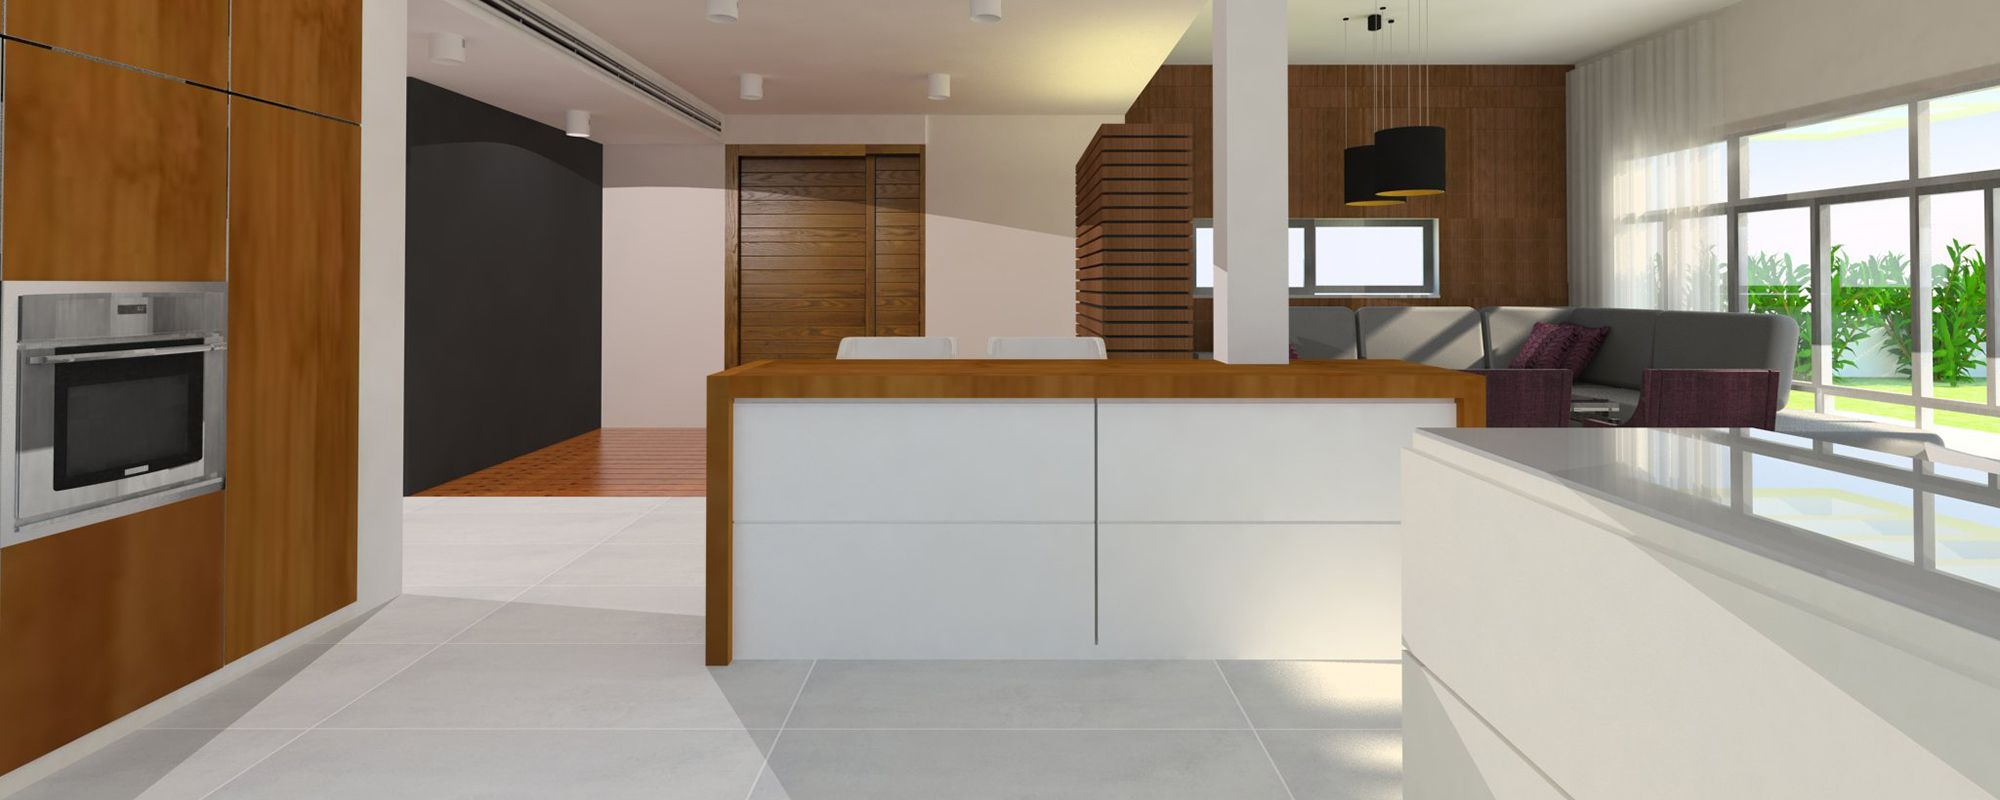 אדריכלות בתים: לחזור הביתה אל השקט